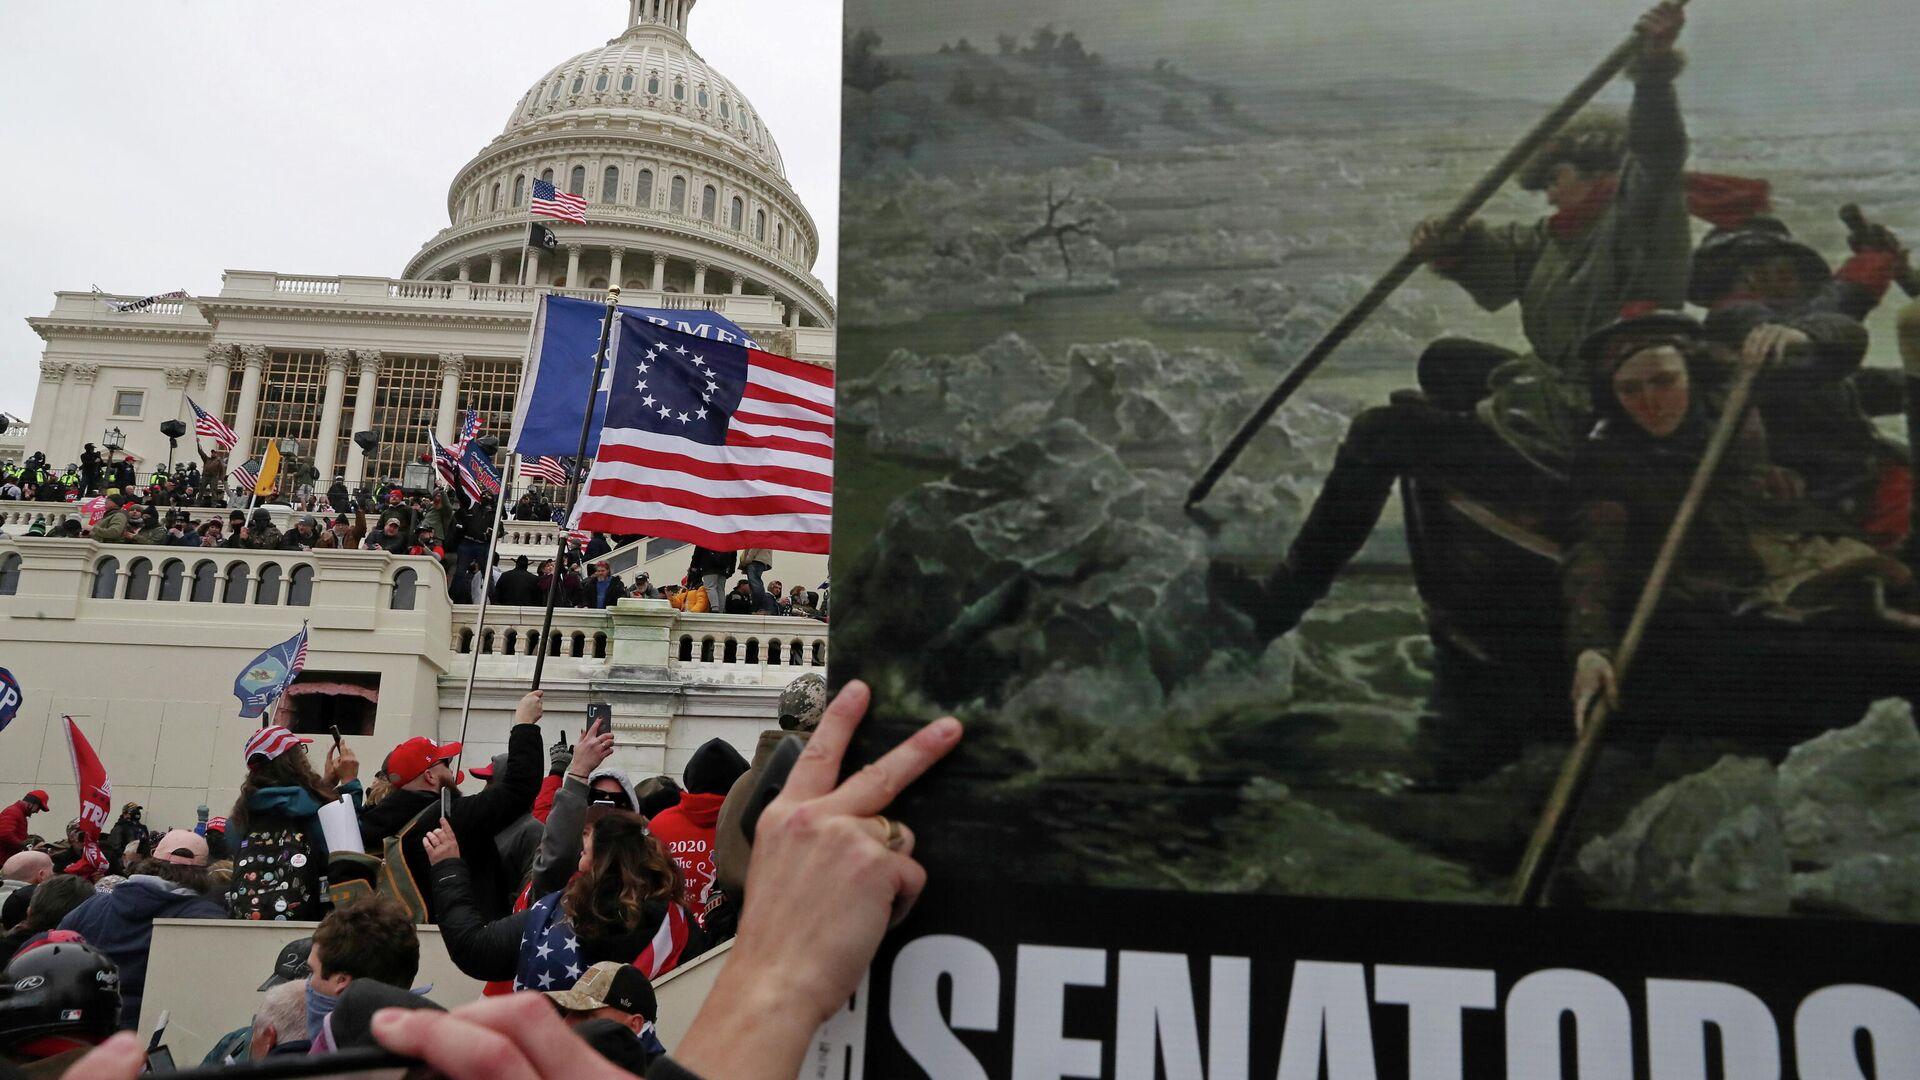 Плакат с картиной Вашингтонский переход через Делавэр в руках сторонников президента США Дональда Трампа во время штурма здание Капитолия США в Вашингтоне - РИА Новости, 1920, 12.01.2021